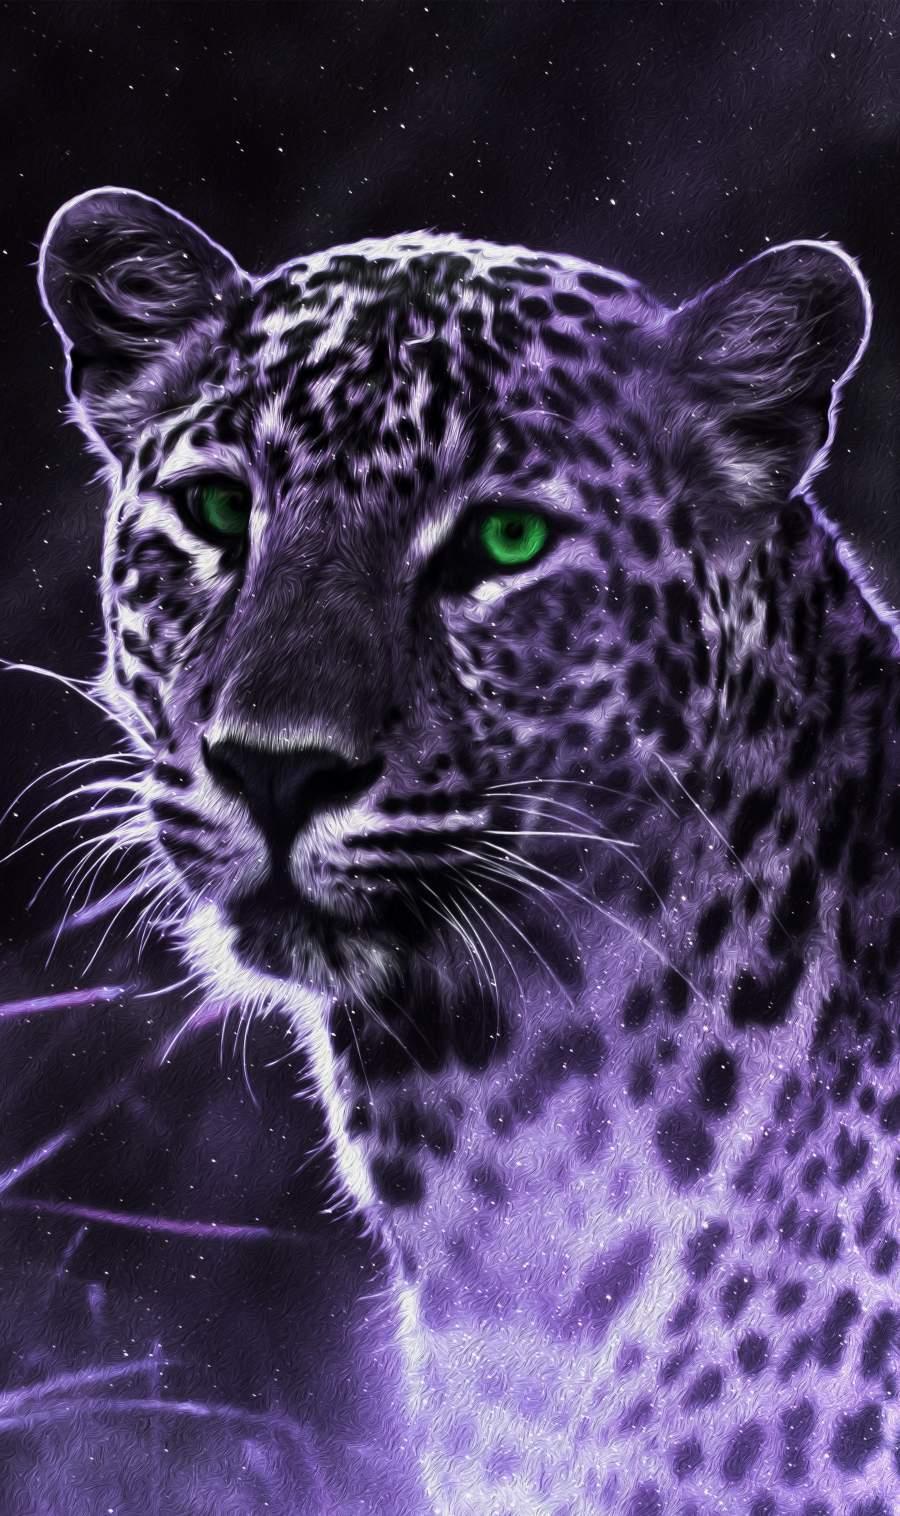 Jaguar Animal iPhone Wallpaper